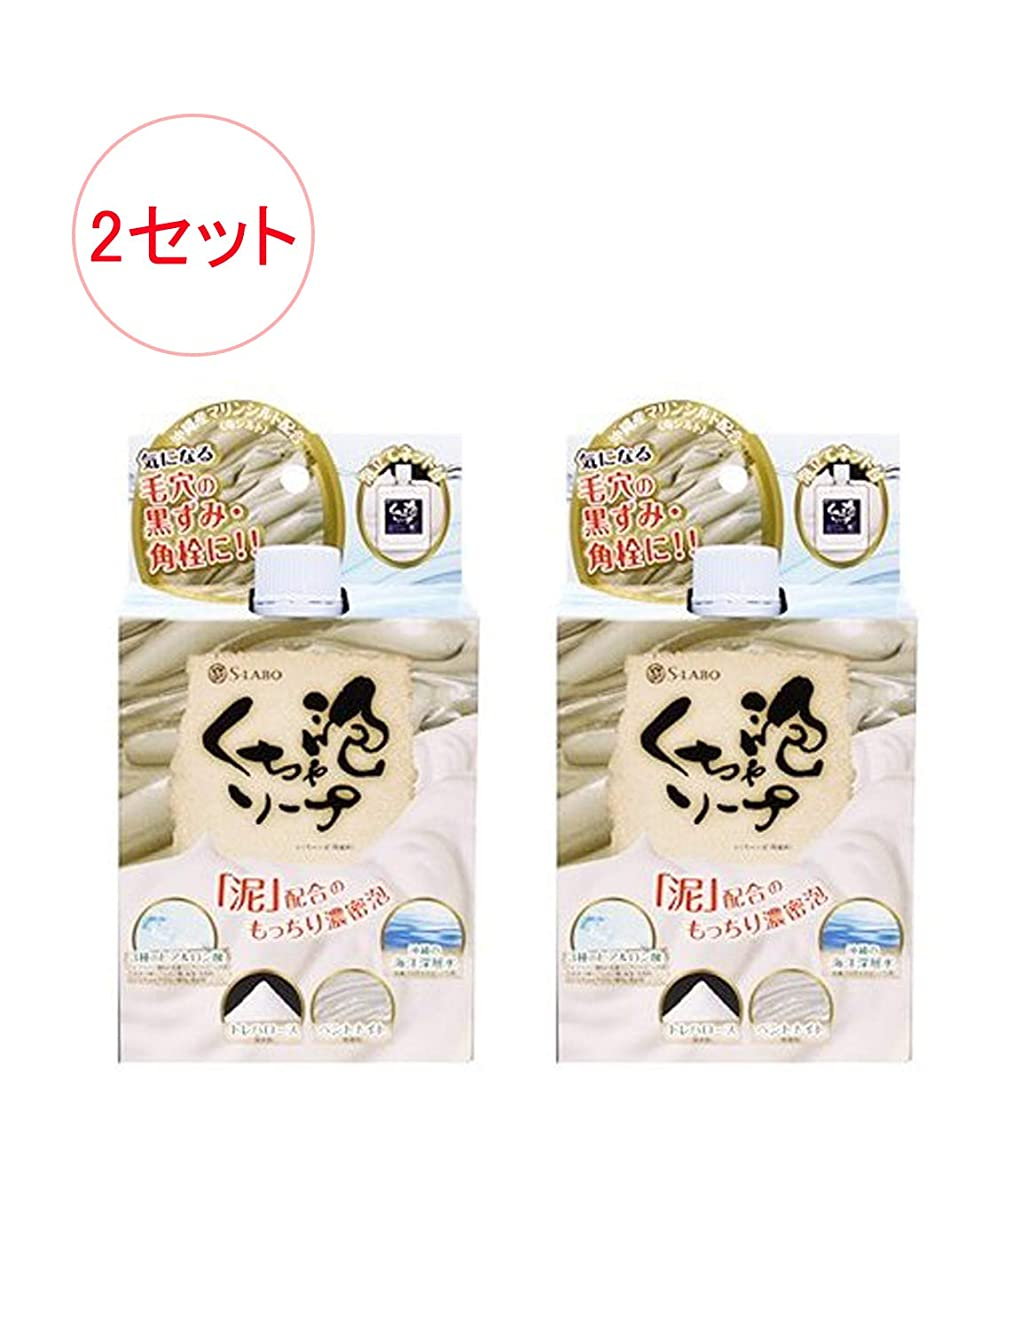 生活しゃがむリスナー日本製 モコモコくちゃ泡ソープ 100g x 2セット